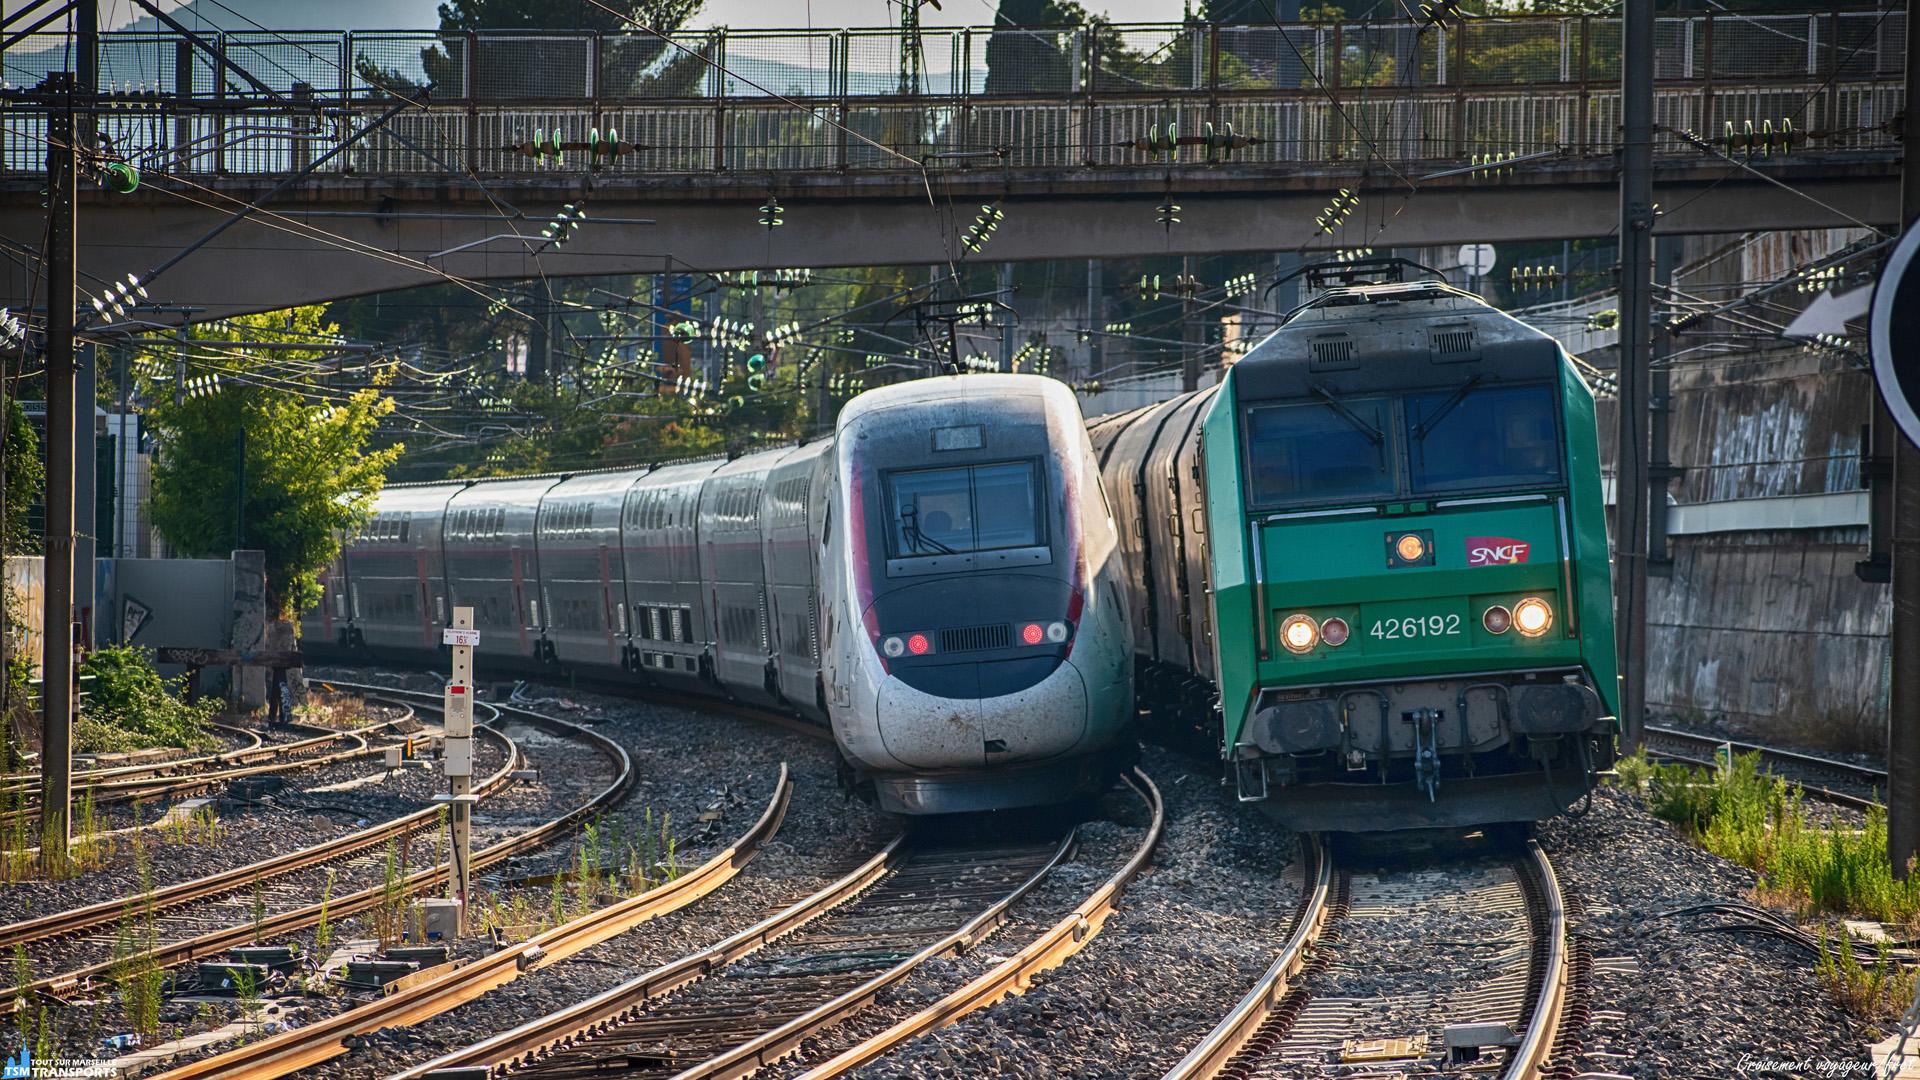 Juste avant la gare d'Aubagne, une courbe offre de temps en temps de belle occasion d'immortaliser de jolis convois en provenance de Marseille, dans l'optique de renouveler une fois de plus l'expérience je me place en fin de journée au bout du quai qui offre une vue imprenable sur le spectacle. . Finalement c'est un croisement de deux symboles du ferroviaire qui a lieu devant mon objectif, d'un côté la fierté française des trains à grande vitesse, de l'autre la base même de l'histoire du ferroviaire en France, le fret !. . Pour finaliser cette description, quelques petites infos, il s'agit ici d'un croisement entre un TGV en provenance de Nice et à destination de Paris et du très classique Fret ArcelorMittal Miramas/Vintimille. . ℹ️ Alstom TGV Euroduplex n°4727 en UM avec le TGV Duplex n°240. . ℹ️² : Alstom BB26000 (BB26192) Livrée Fret SNCF baptisée Portes-lès-Valence. . 📍Gare d'Aubagne, Square Marcel Soulat, 13400 Aubagne. . 📸 Nikon D5600. . 📷 Nikkor 70-300mm. . 📅 29 Août 2019 à 18:17.